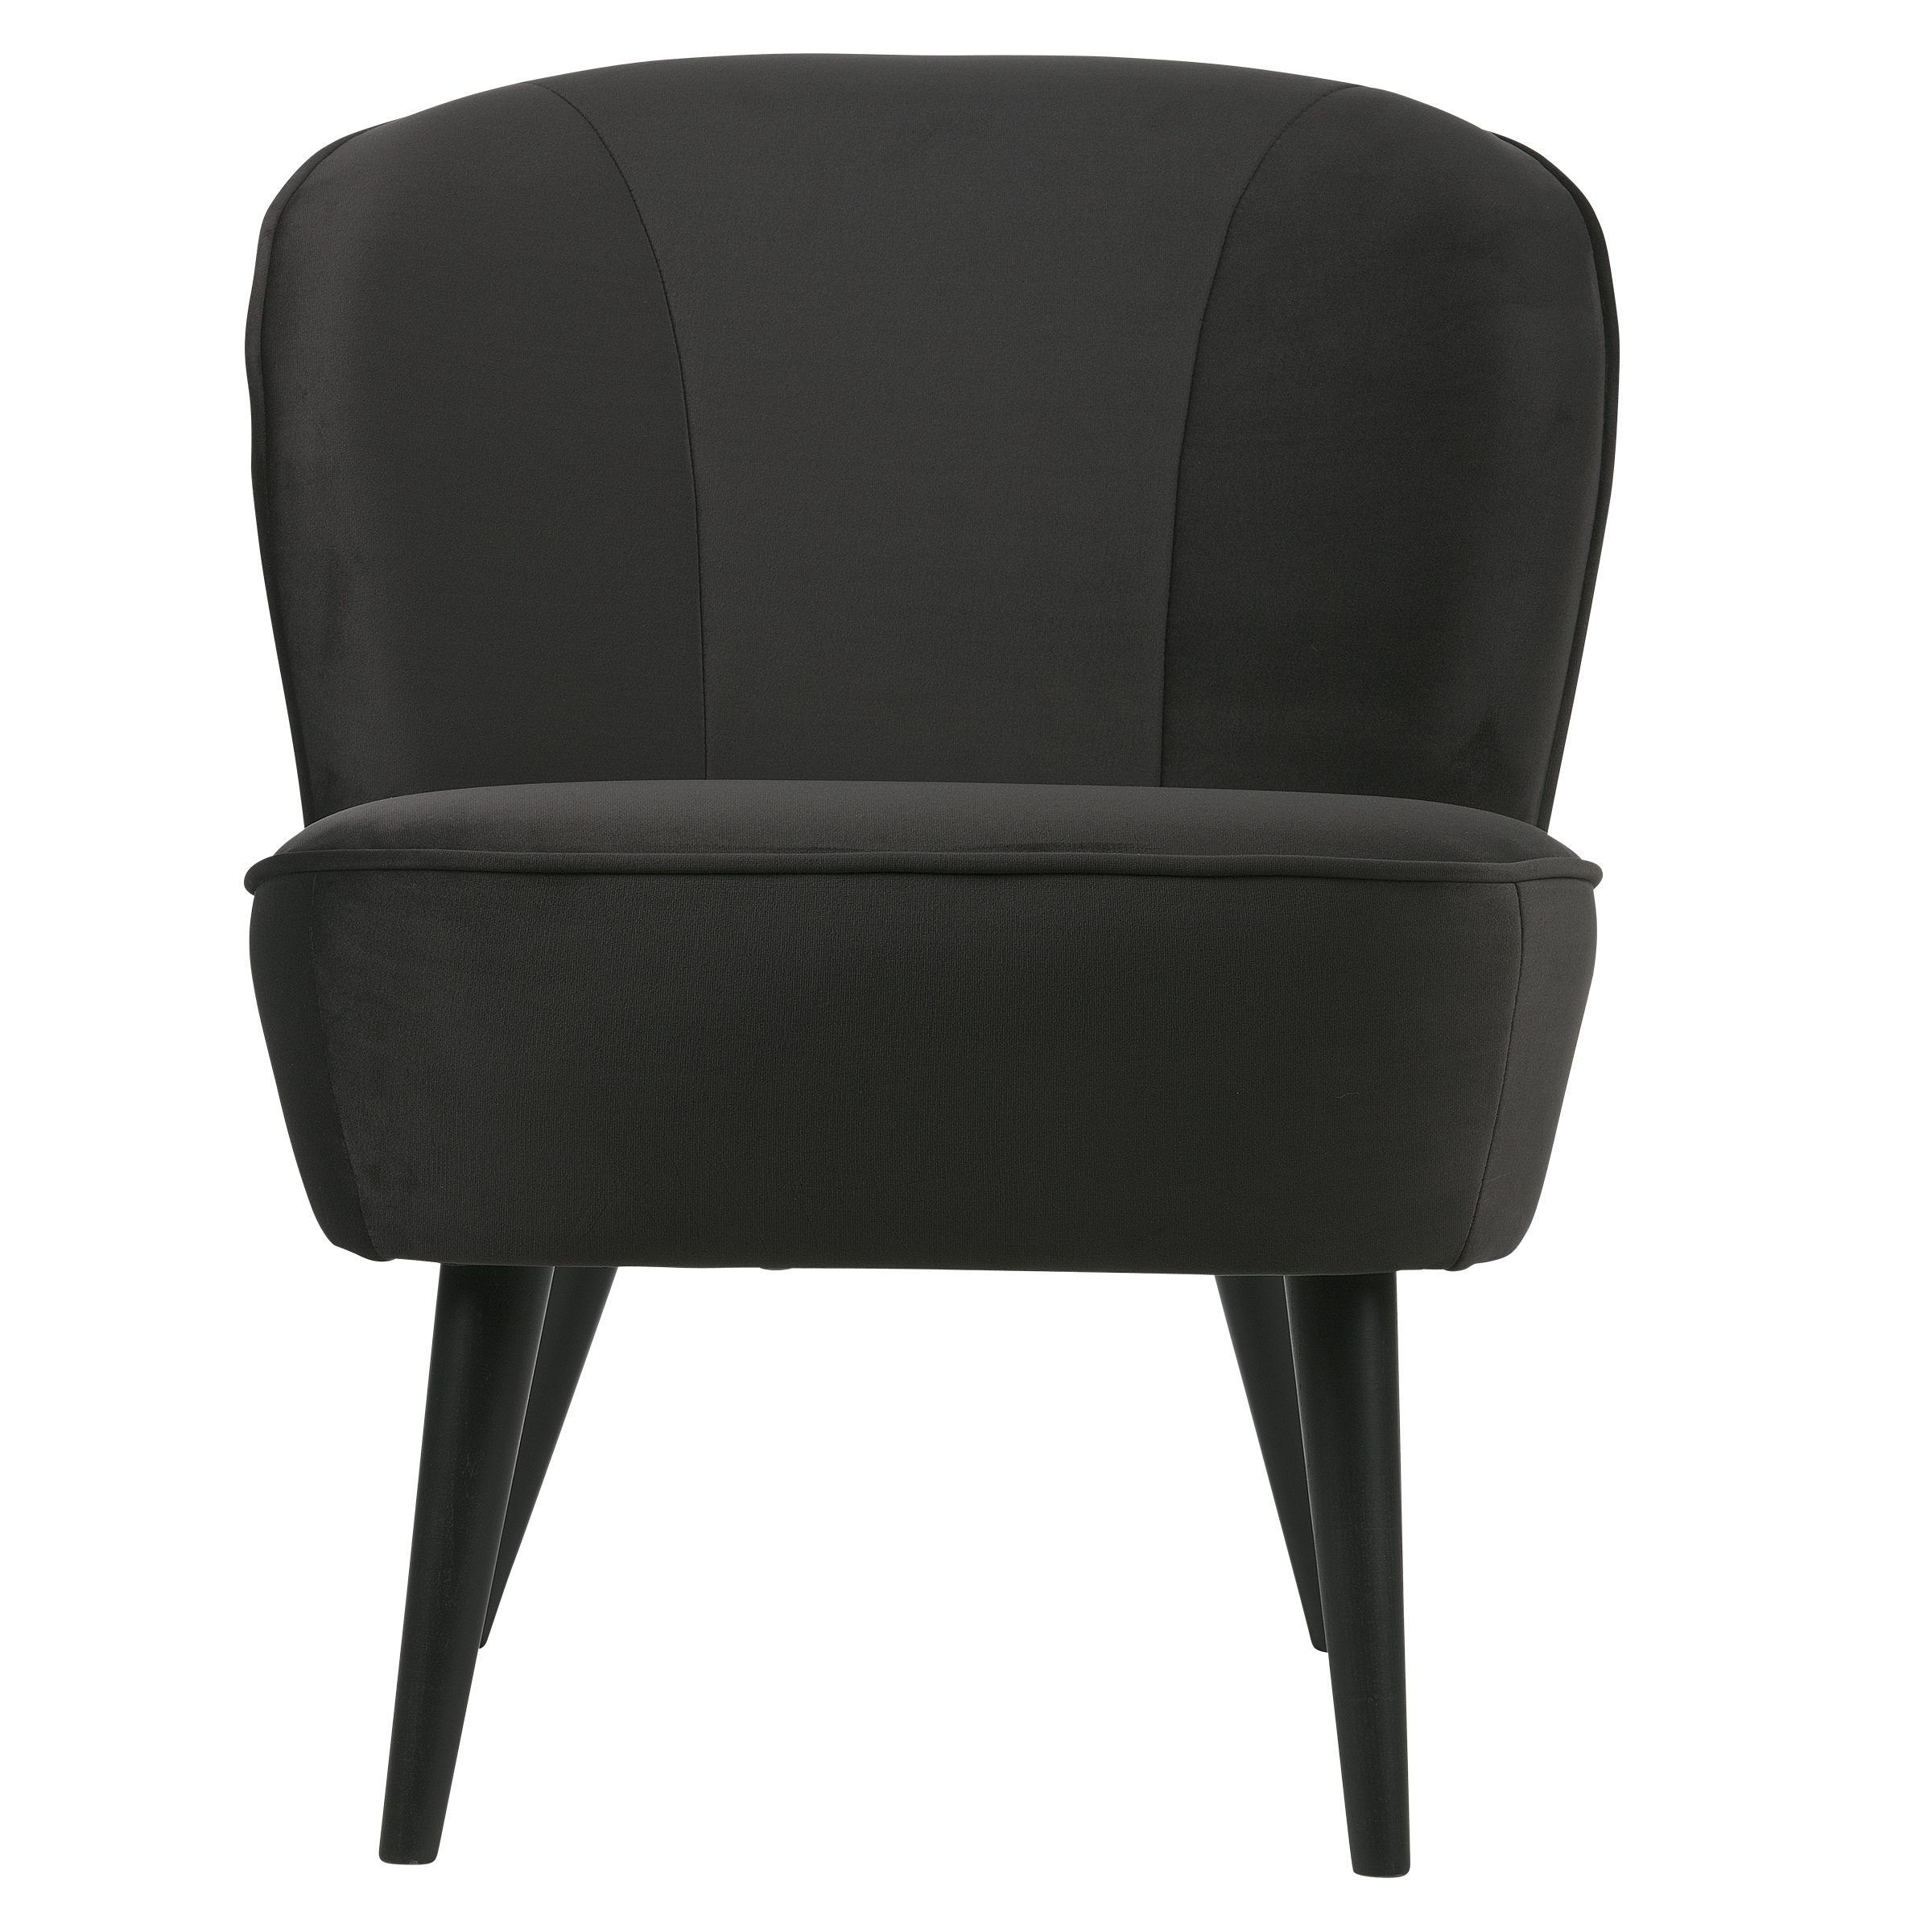 WOOOD fauteuil Sara fluweel antraciet